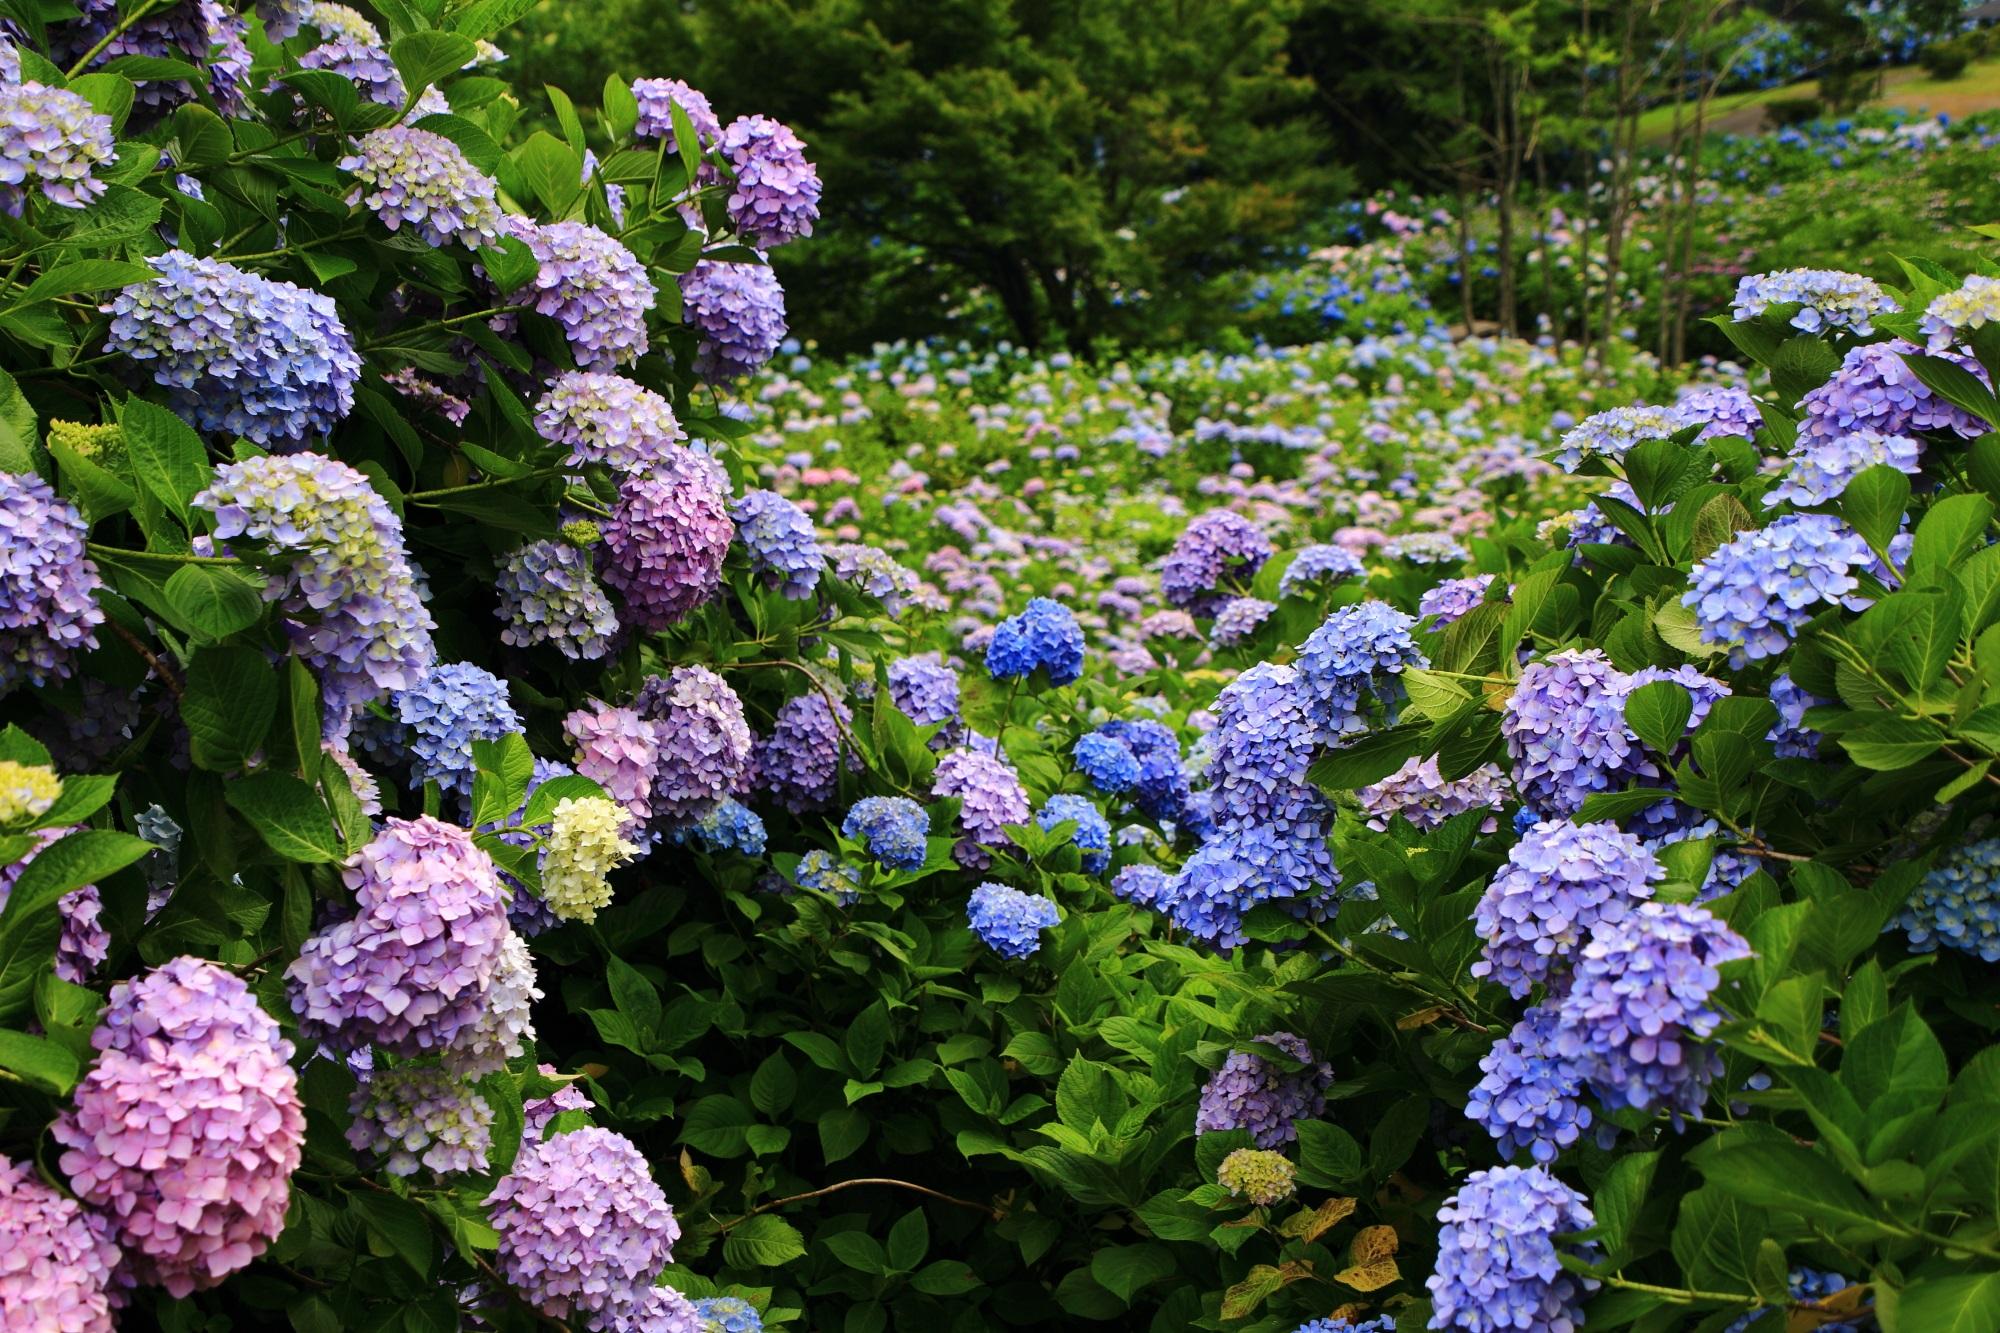 満開の紫陽花が収まりきらないゴージャスな舞鶴自然文化園